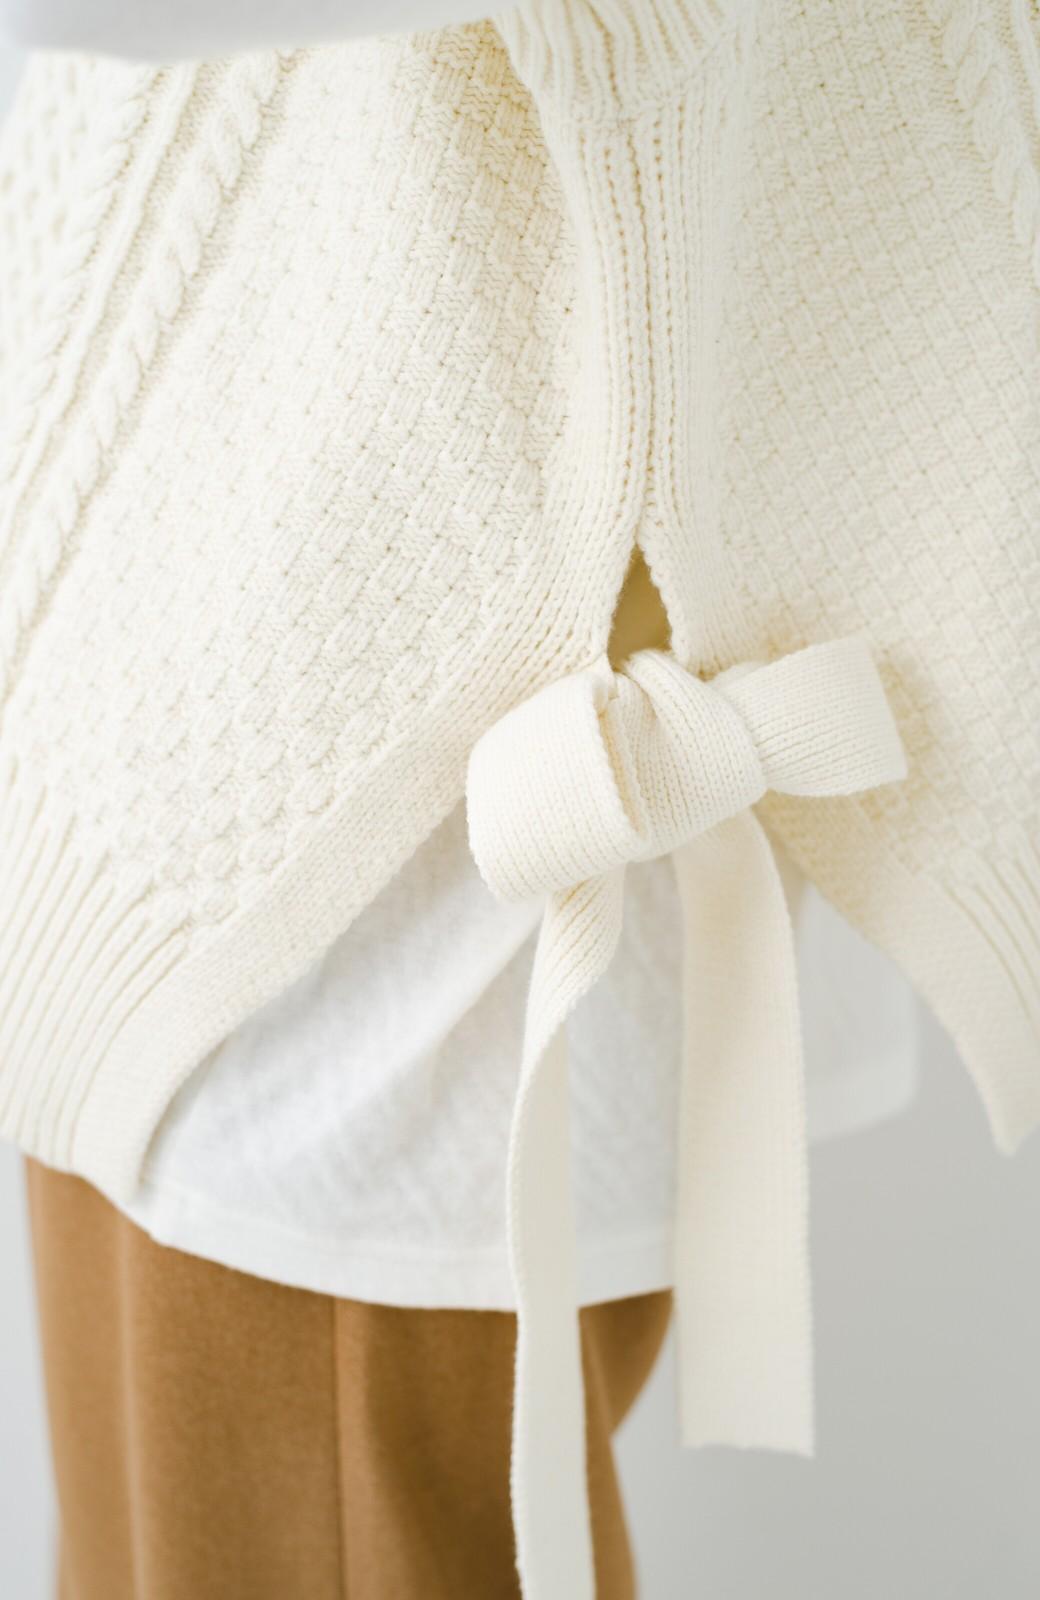 haco! ワンピースやシャツに重ねるだけであっという間に今っぽくなれるケーブル編みニットベスト <アイボリー>の商品写真12